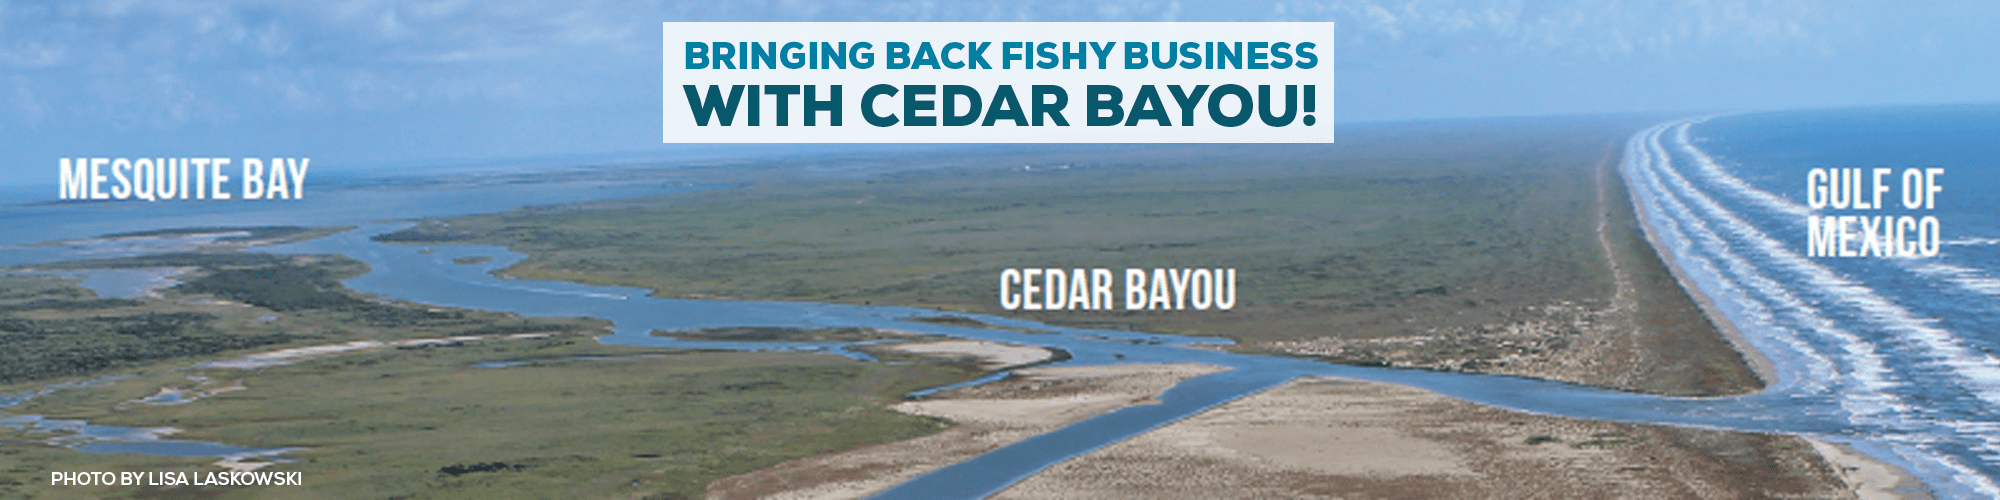 Bringing Back Fishy Business With Cedar Bayou!